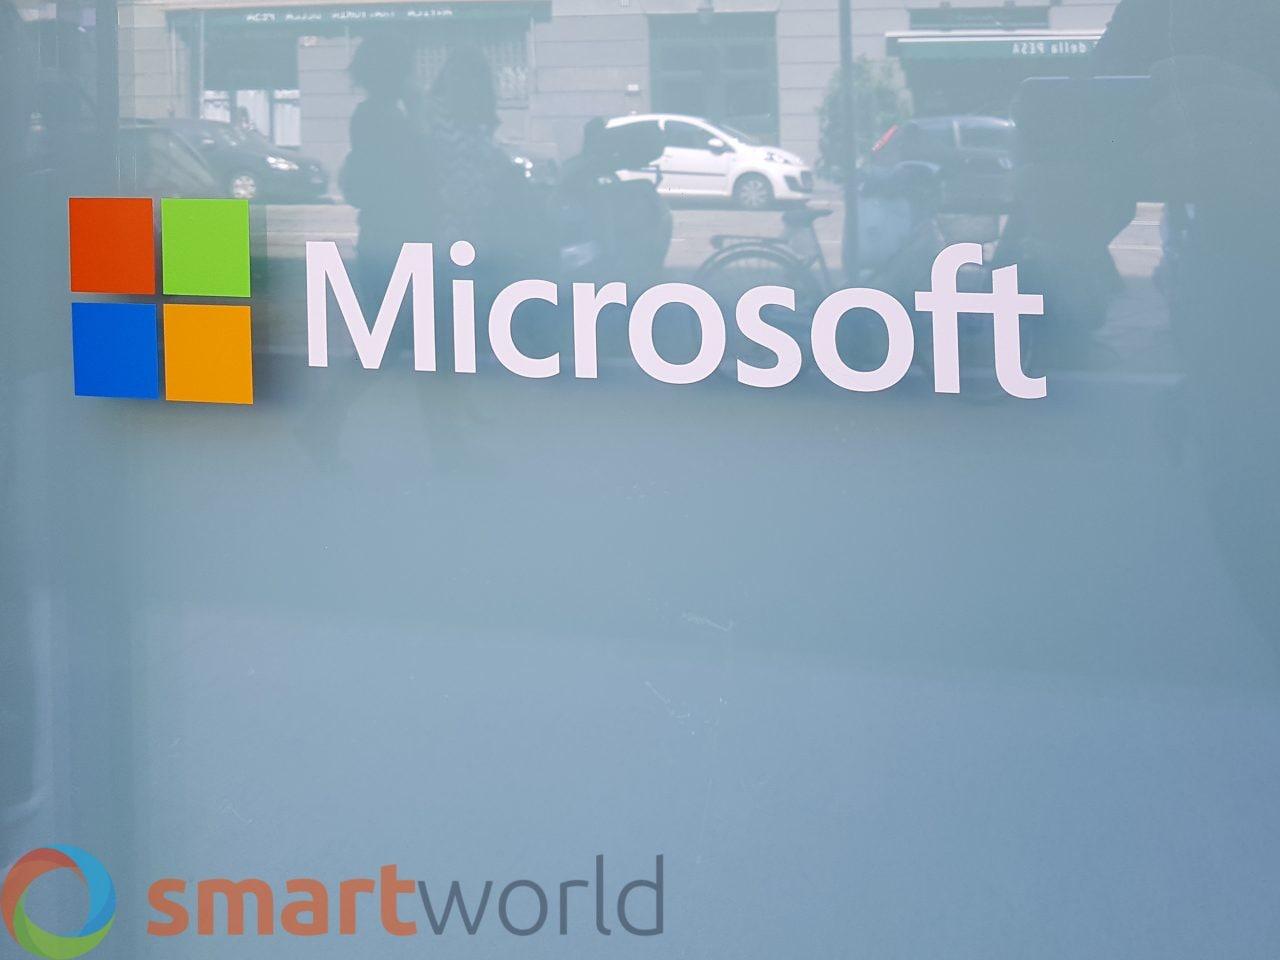 Offerte lampo ePRICE: oggi è il turno di Microsoft, con Surface, Office e Xbox (anche One X!)